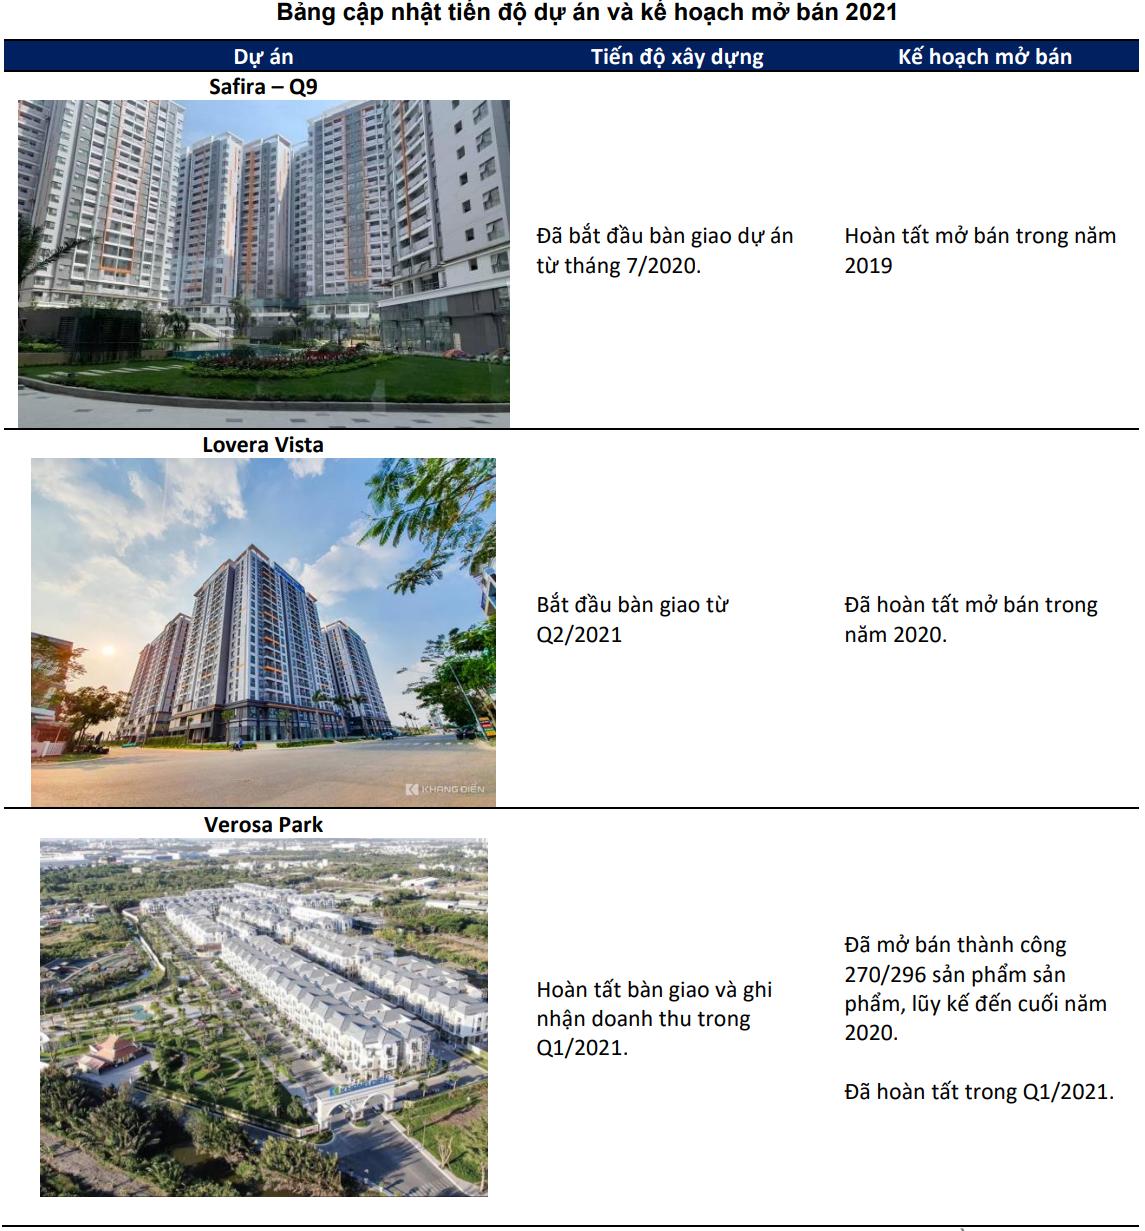 BSC ước tính doanh số mở bán của Khang Điền vượt 7.000 tỷ trong hai năm, còn 440 ha quỹ đất chờ 'mở khóa' - Ảnh 2.